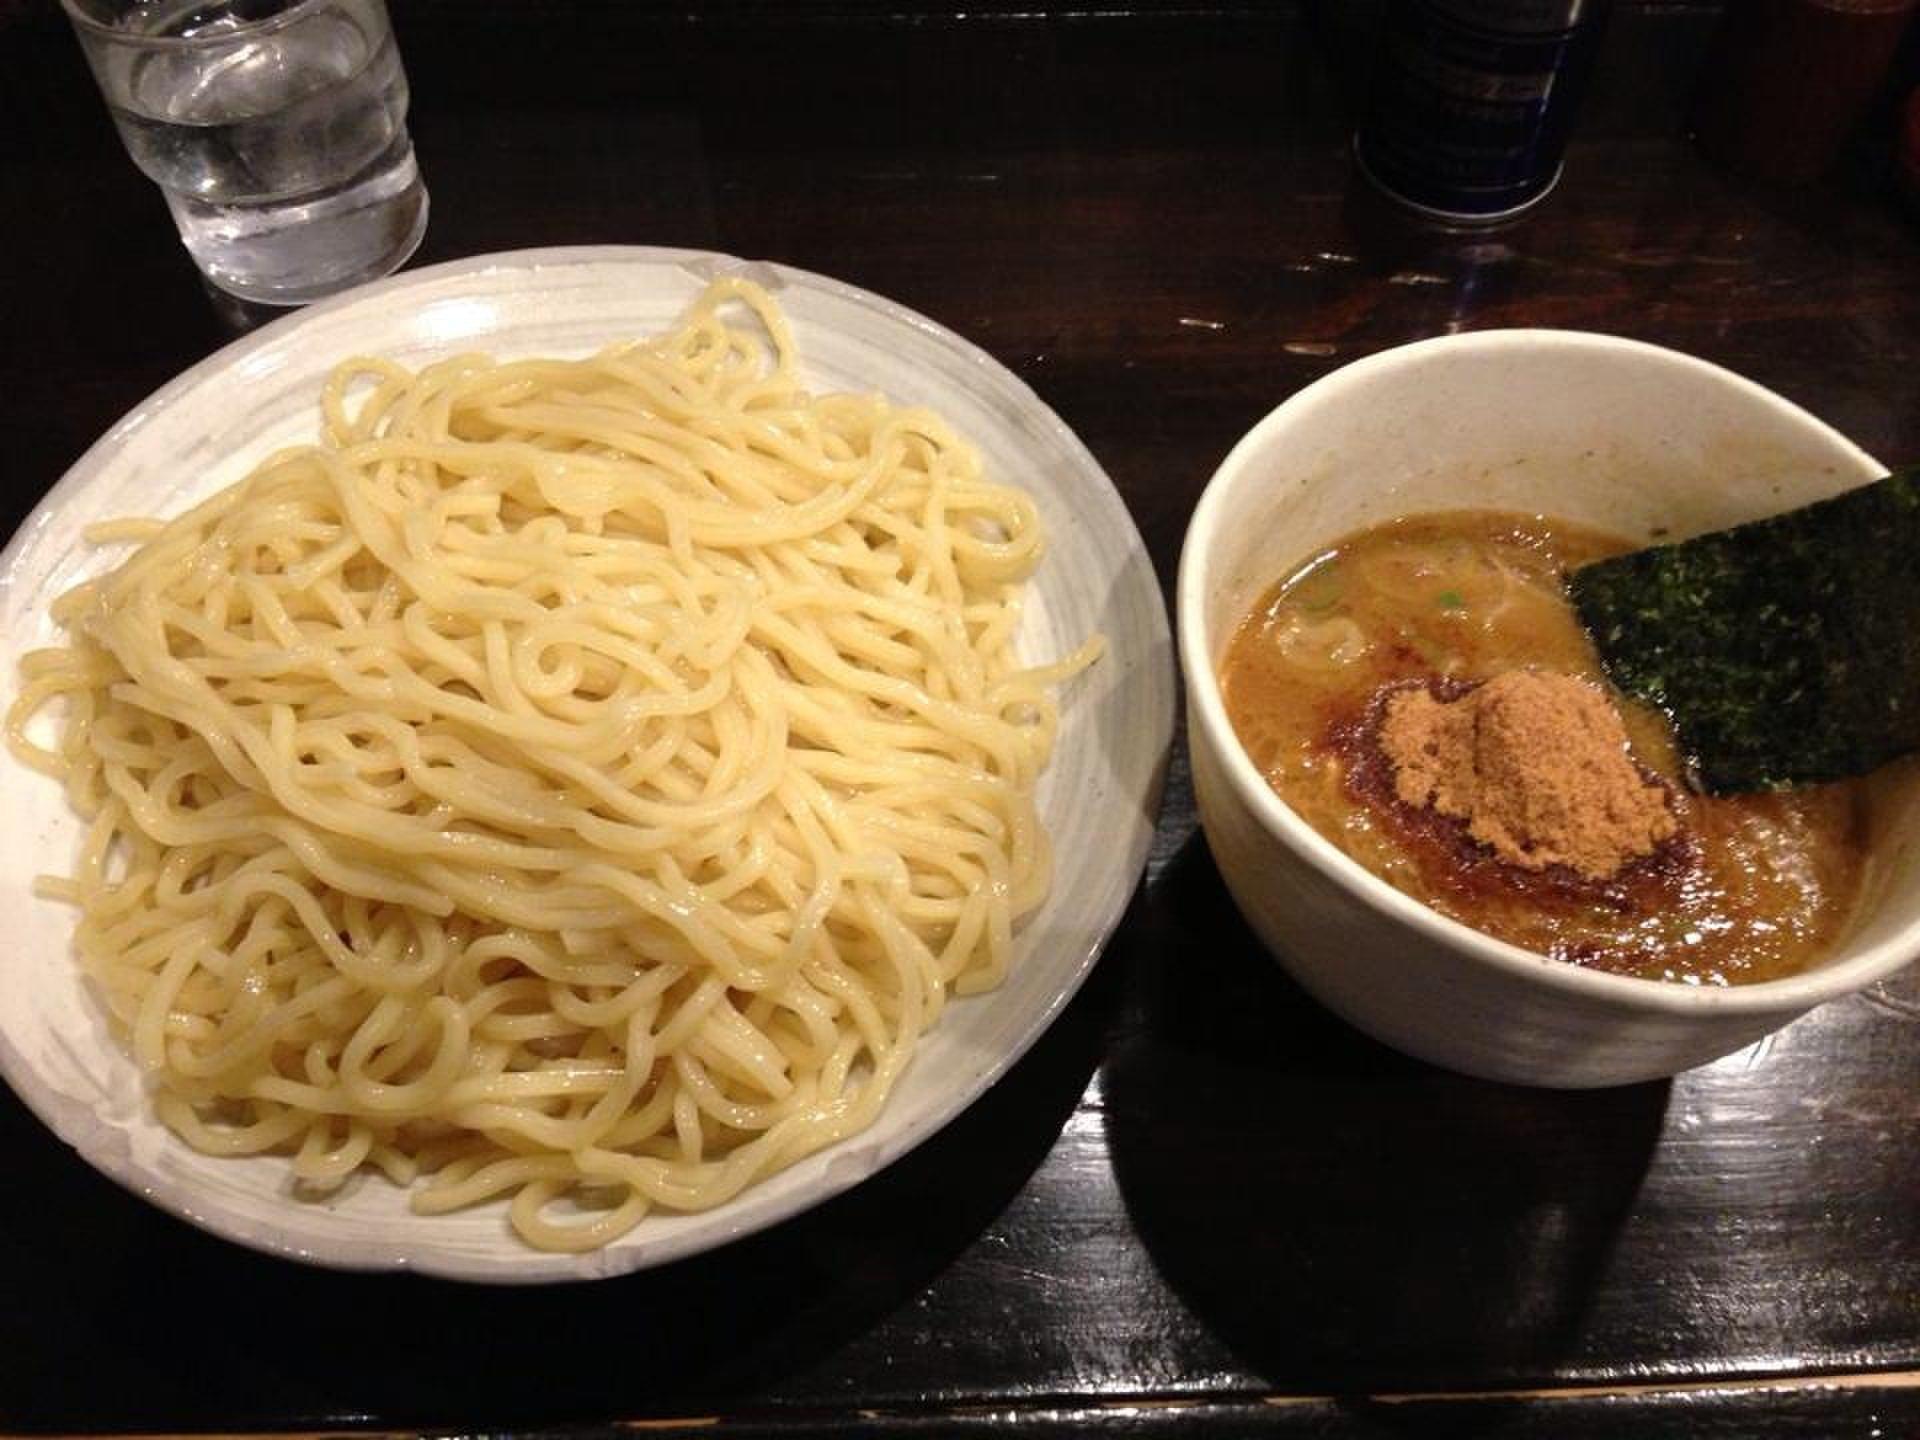 【新宿・池袋近辺グルメスポット】絶品コスパ最強ラーメン・つけ麺9選Part1